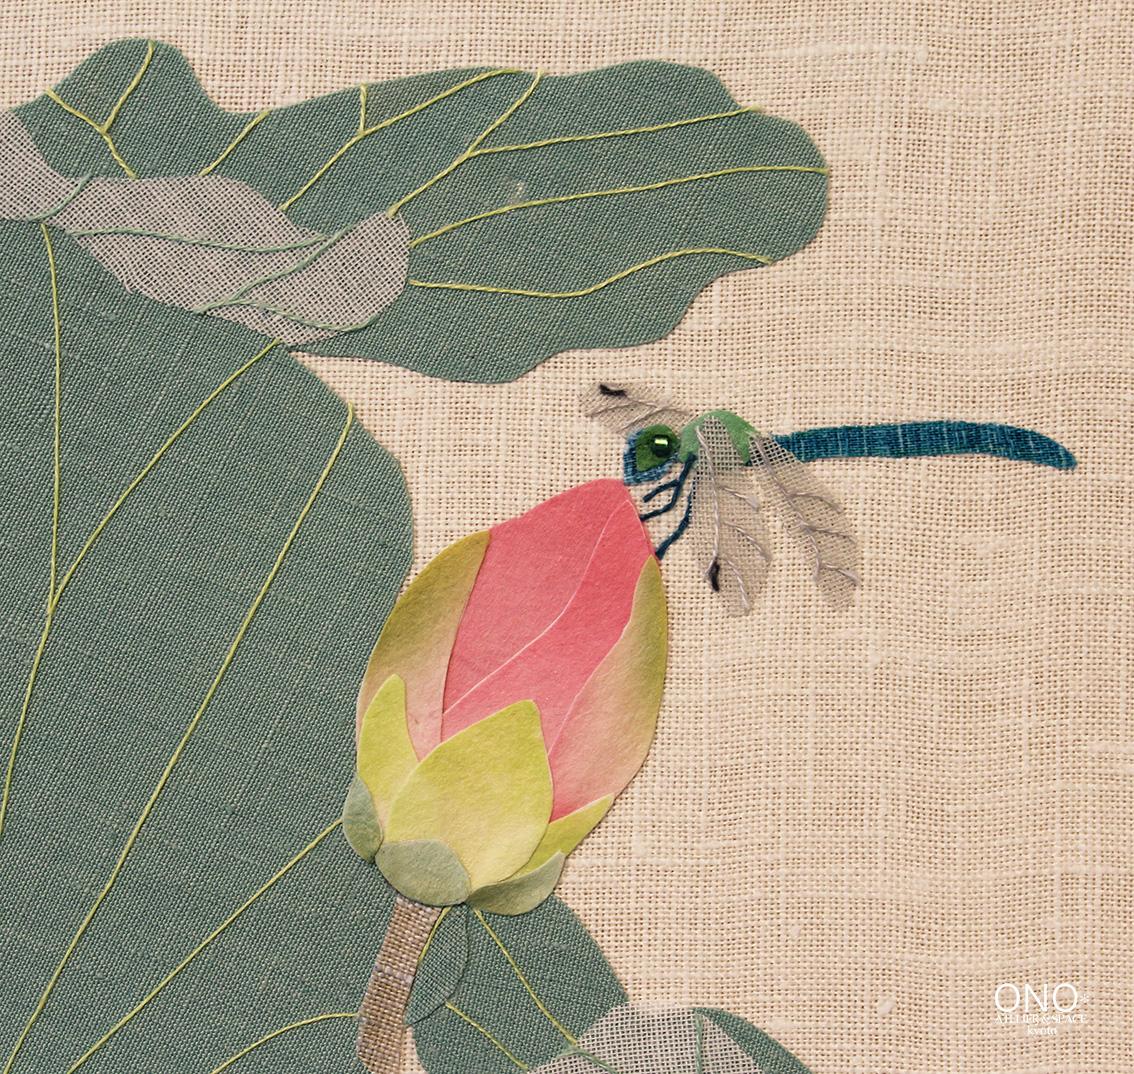 コラージュ作品「蓮と蜻蛉」